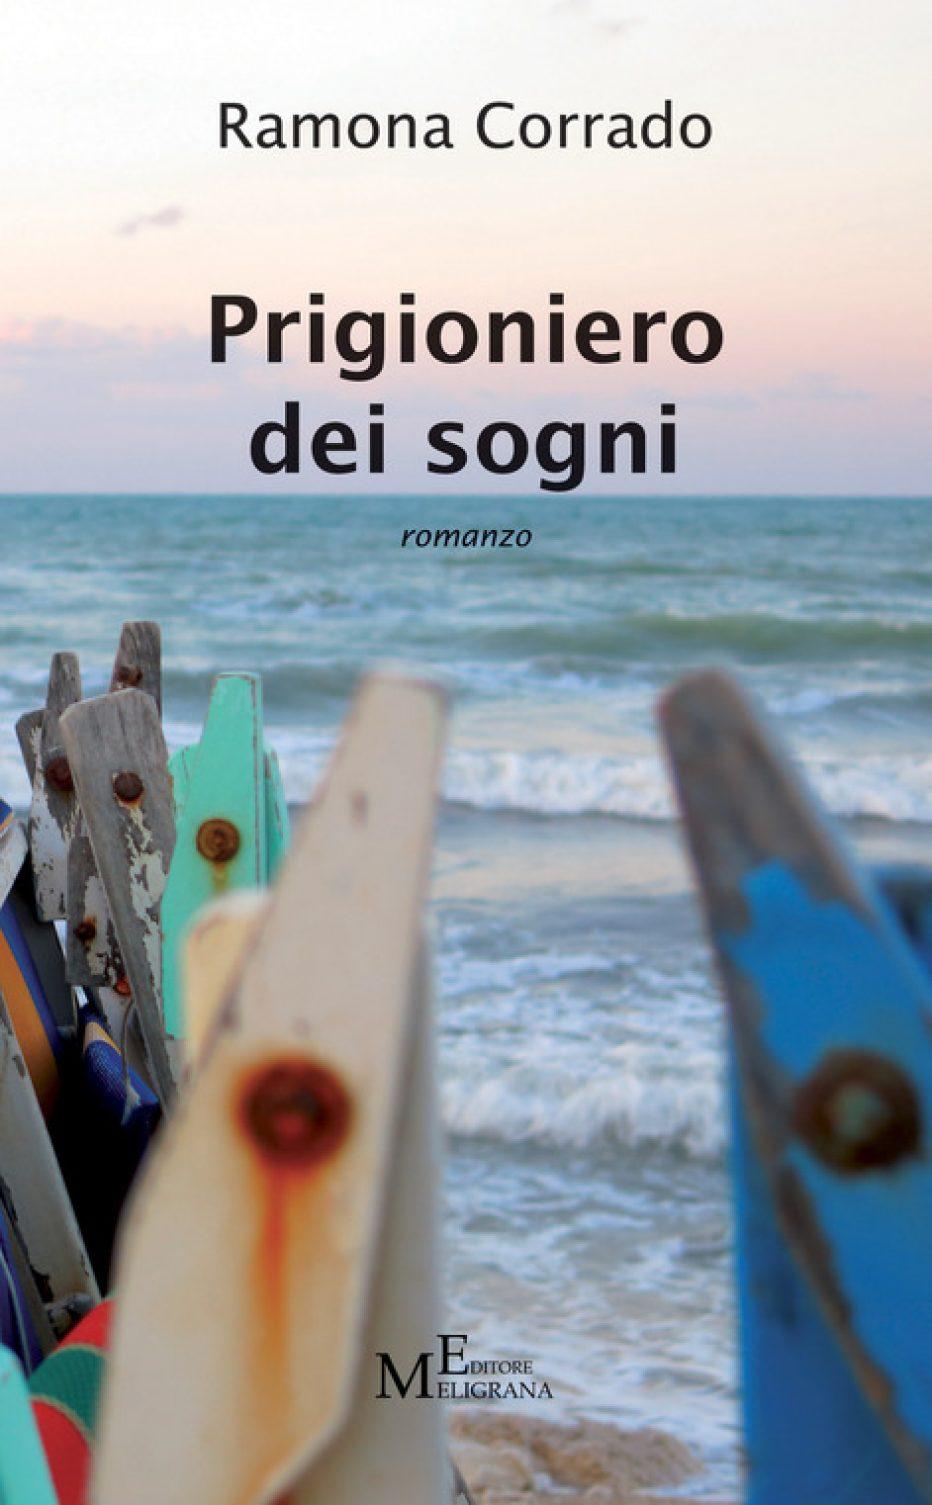 Prigioniero dei sogni di Ramona Corrado